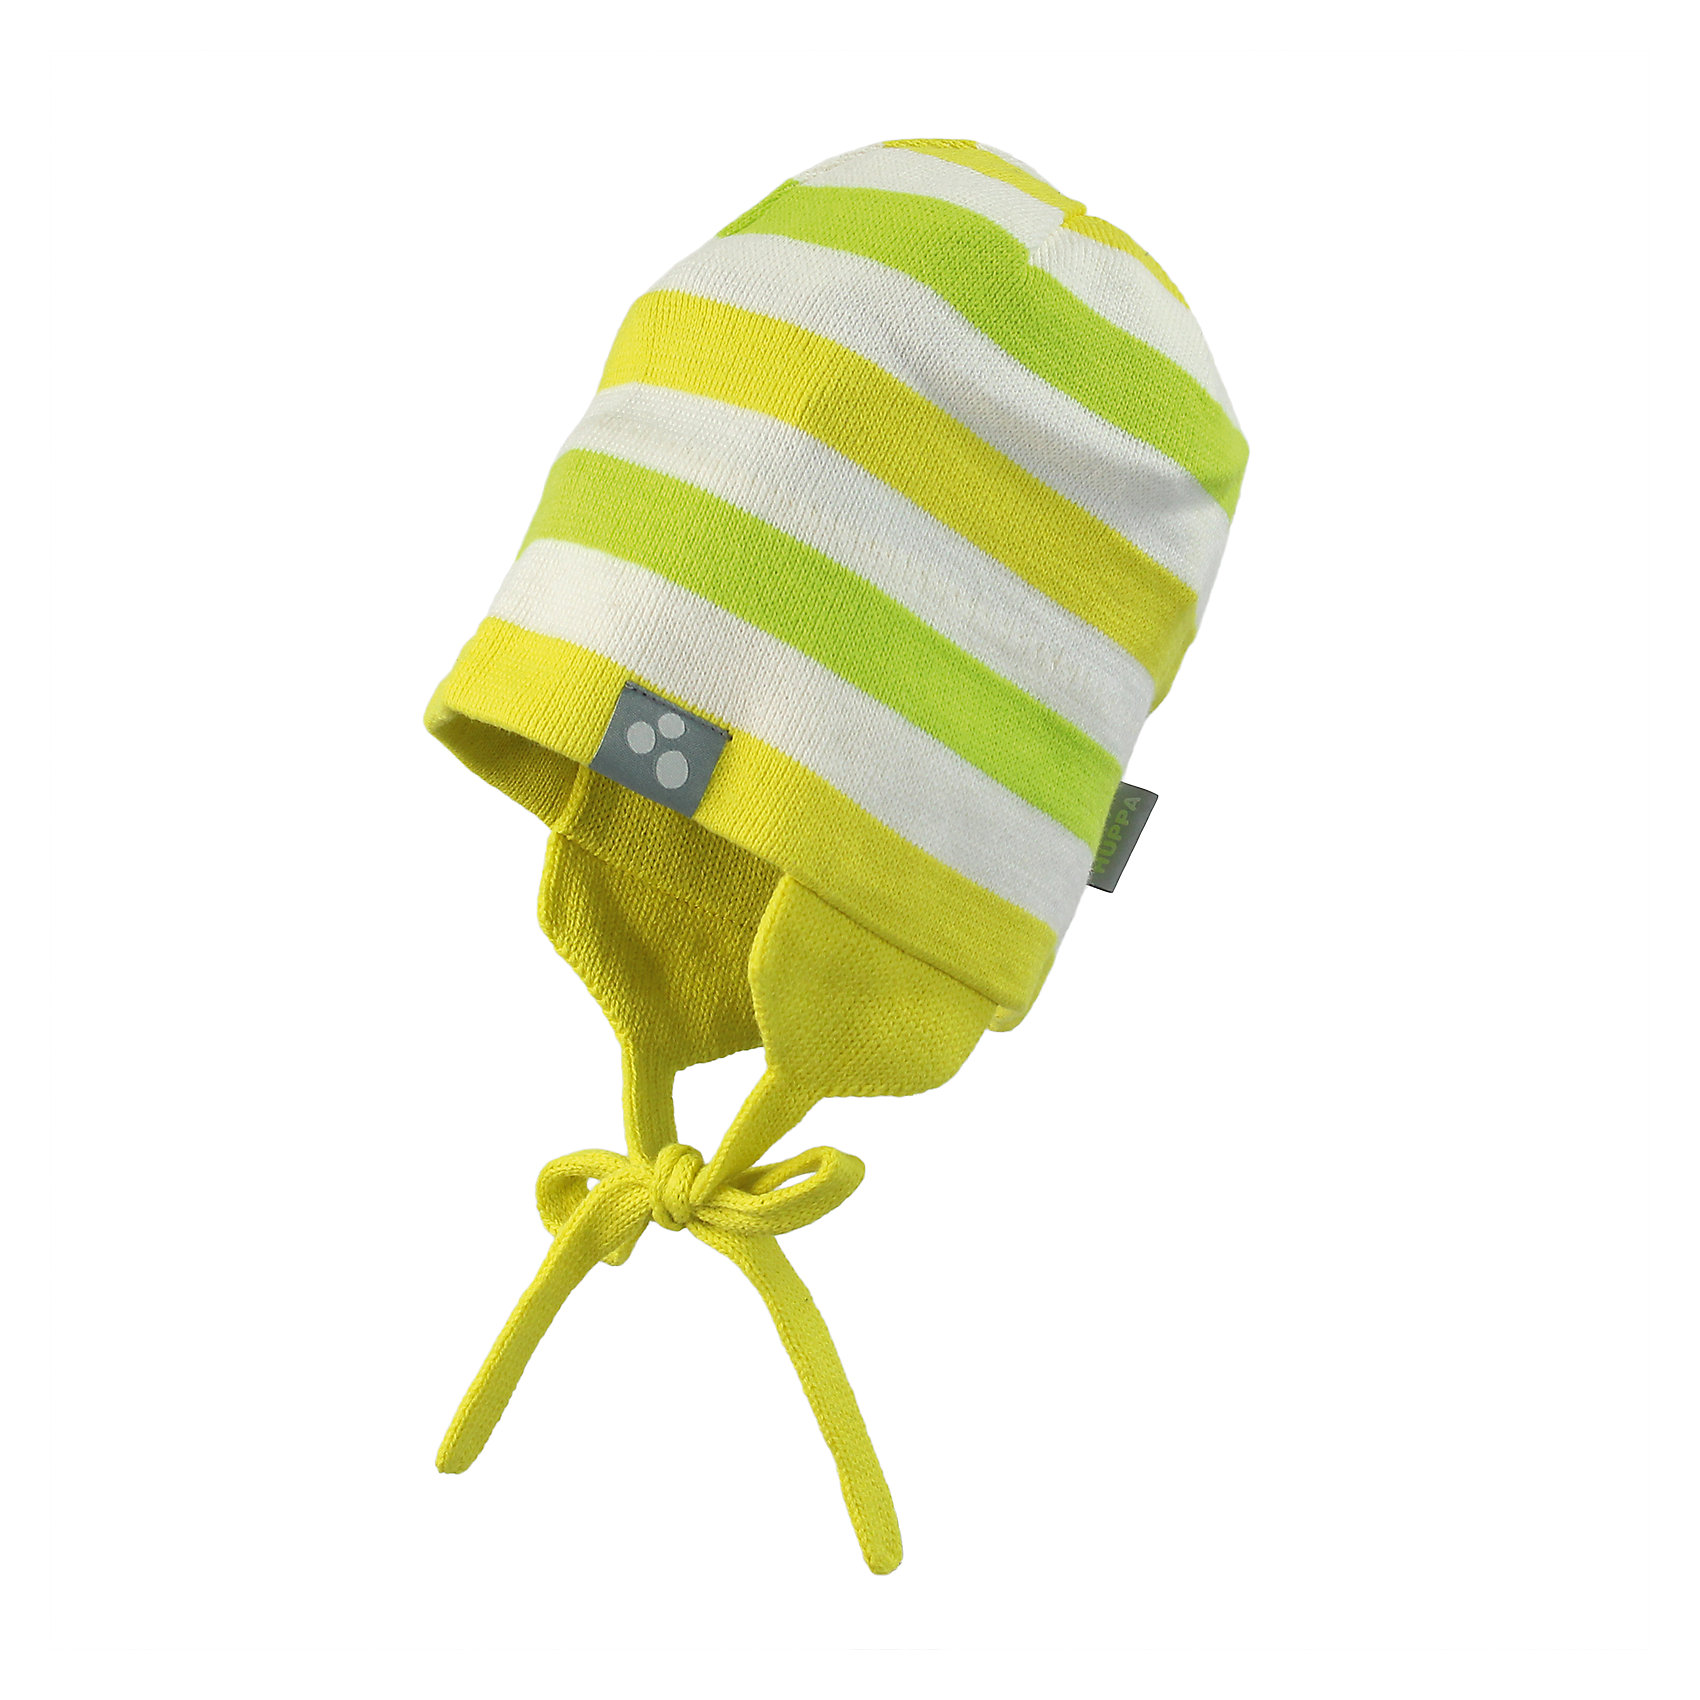 шапка для девочки HuppaЯркая вязаная шапочка на завязках надежно защищает от холодного ветра - прекрасный вариант для прогулок ранней весной и осенью.<br><br>Дополнительная информация:<br><br>Температурный режим - от 0С до +10С<br>Состав: 50% хлопок + 50% акрил.<br><br>Шапку для девочки Huppa можно купить в нашем магазине.<br><br>Ширина мм: 89<br>Глубина мм: 117<br>Высота мм: 44<br>Вес г: 155<br>Цвет: желтый<br>Возраст от месяцев: 12<br>Возраст до месяцев: 24<br>Пол: Женский<br>Возраст: Детский<br>Размер: 47-49,55-57,51-53,43-45<br>SKU: 4598996